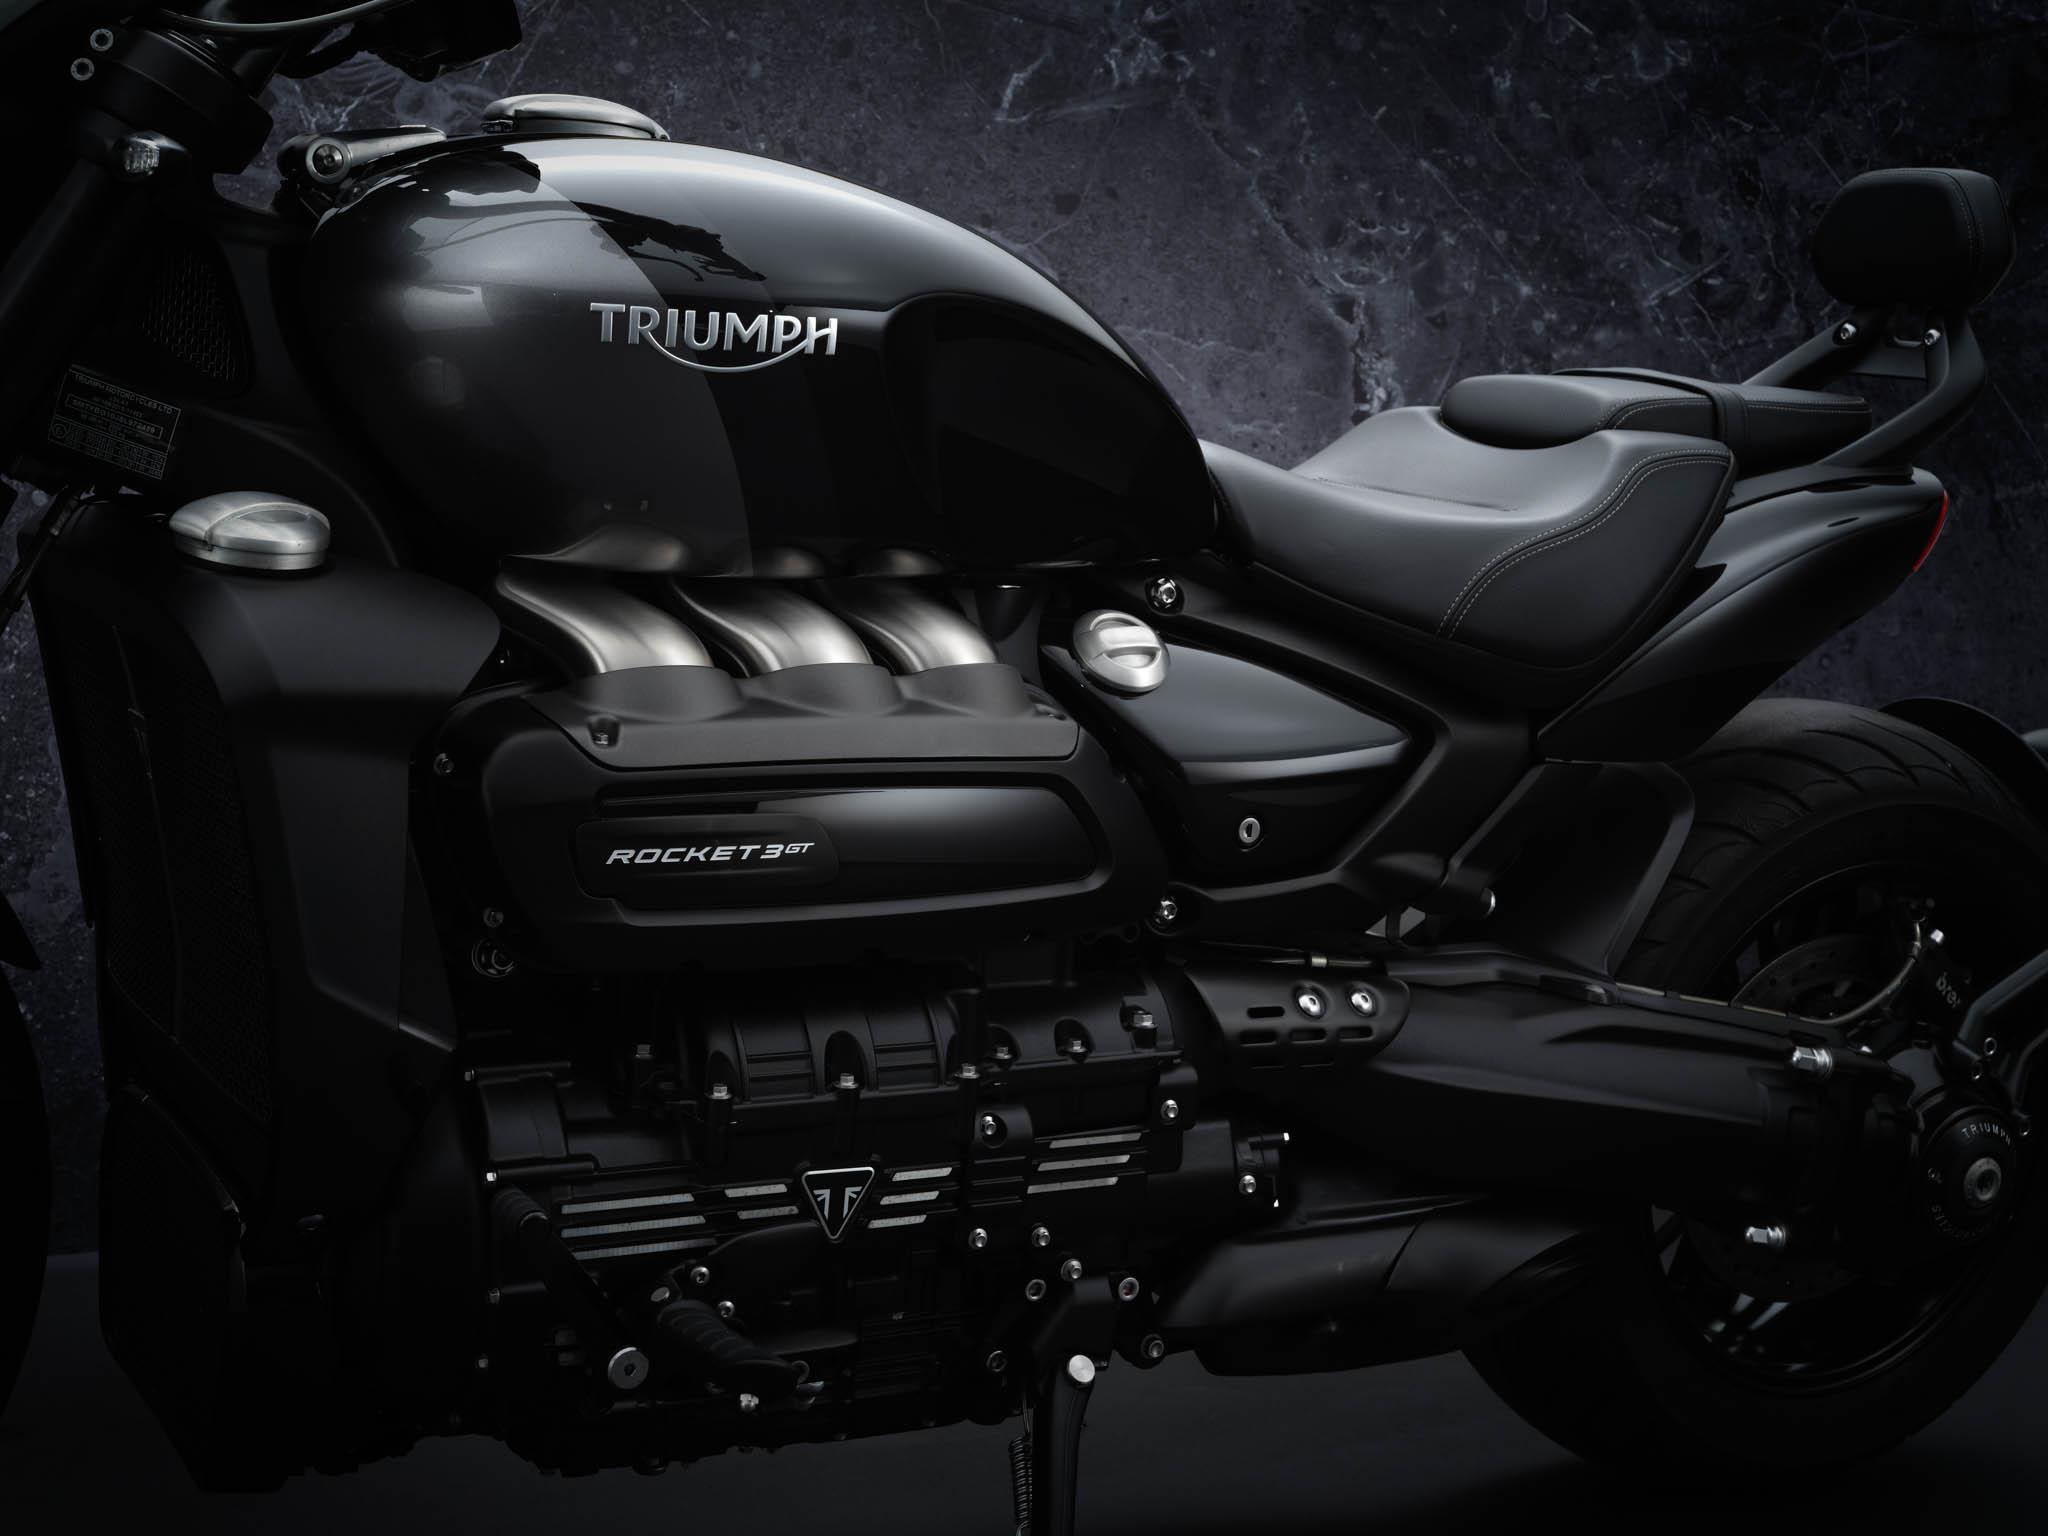 Triumph-Rocket-3-GT-Triple-Black-details-9